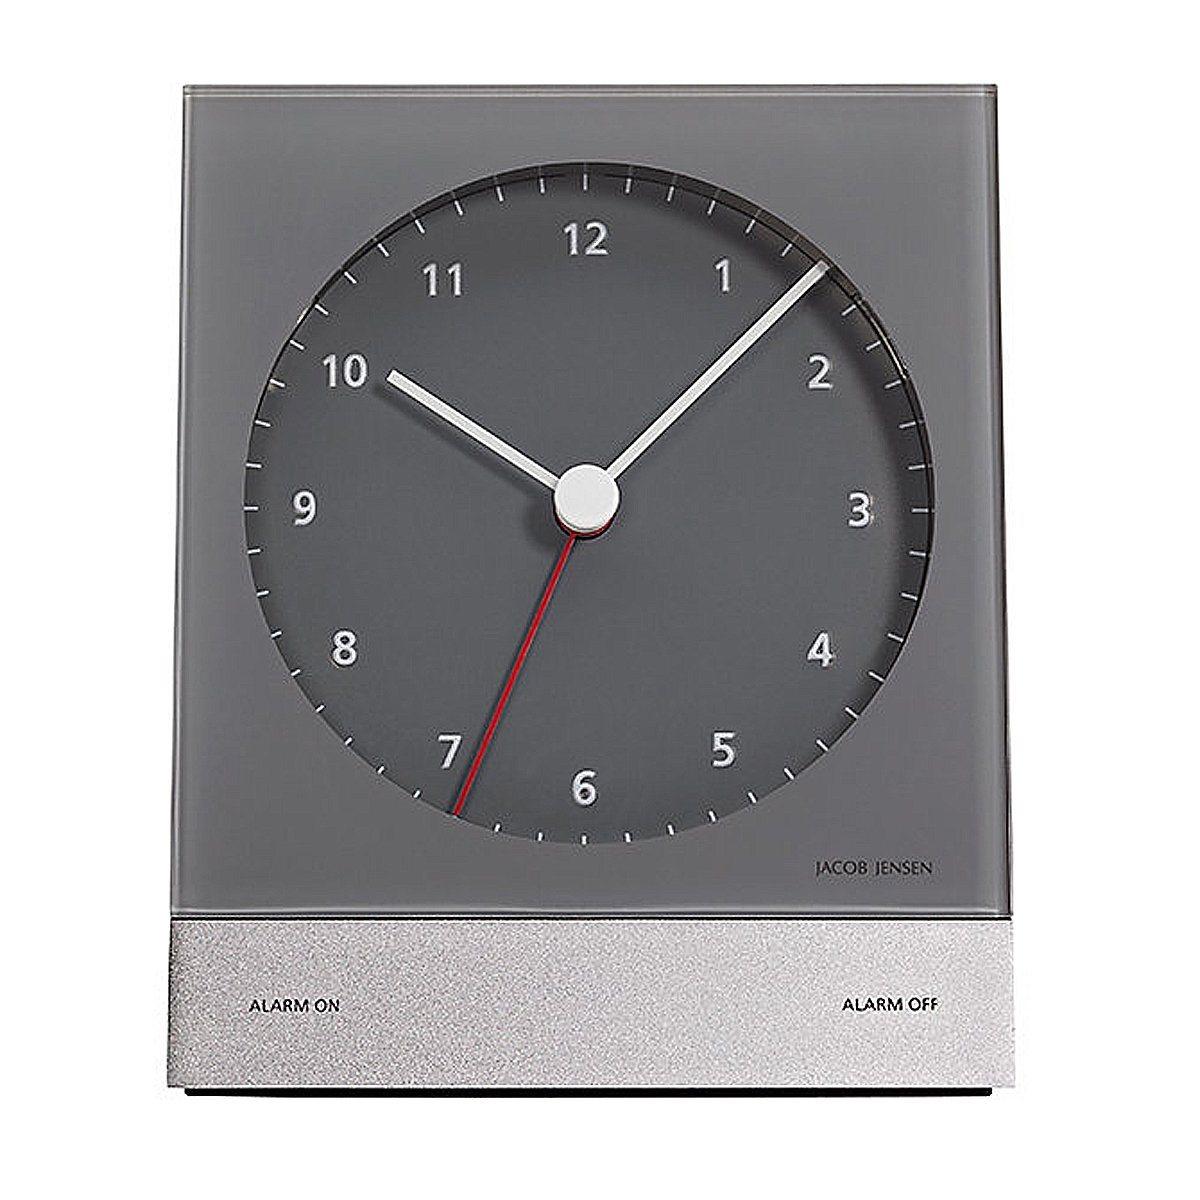 Jacob Jensen Jacob Jensen analog Quarzwecker, grau | Dekoration > Uhren > Wecker | Grau - Rot | Abs | Jacob Jensen